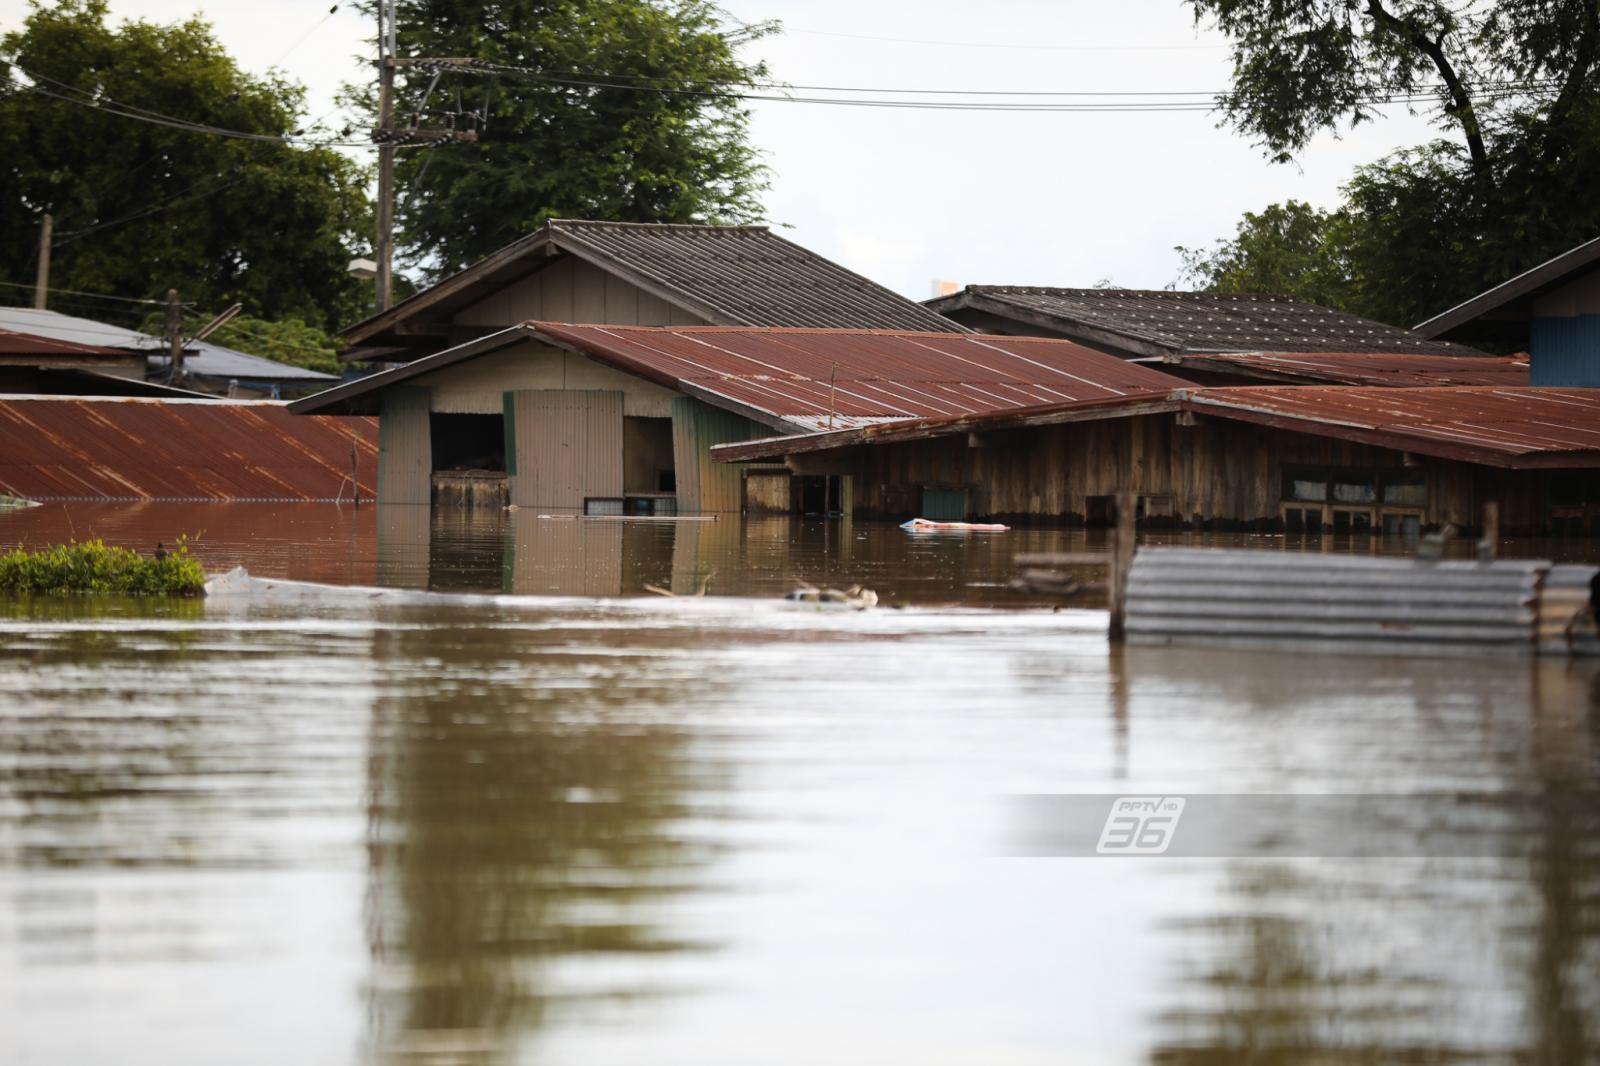 มหาดไทย เผย ยอดผู้ประสบอุทกภัย 29 จังหวัด 4.6 แสนครัวเรือน